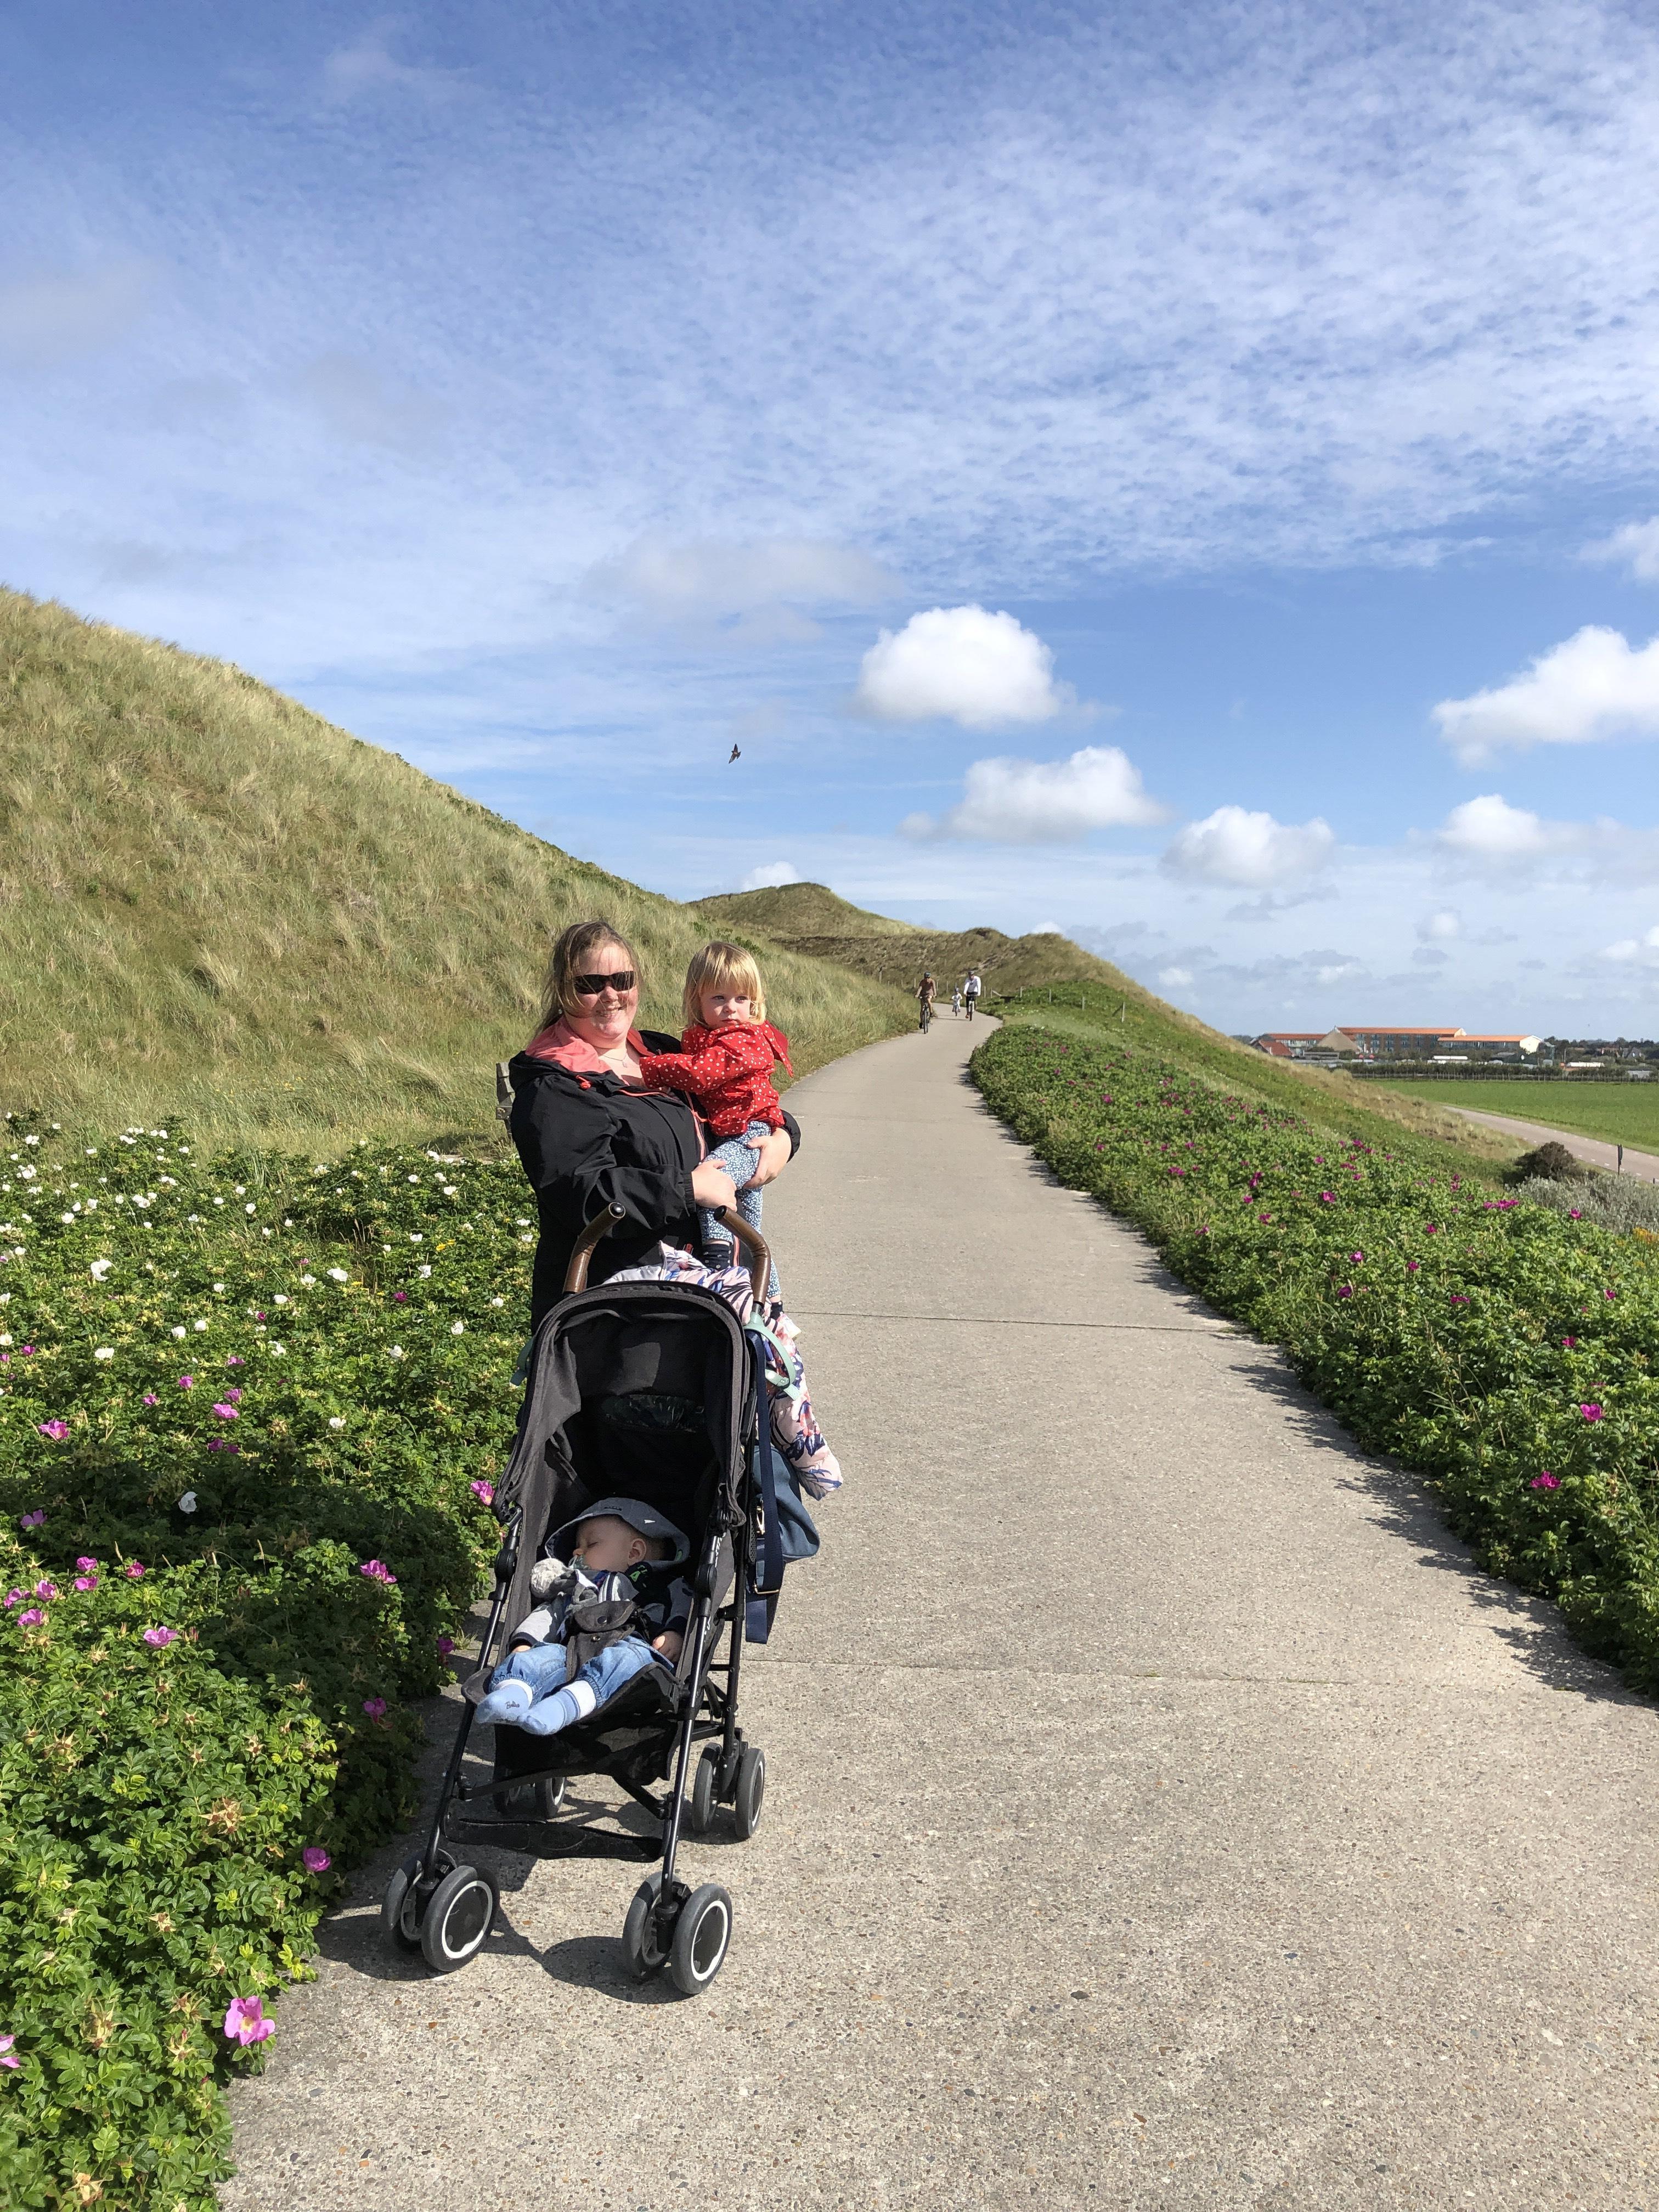 Op medisch advies verhuist Marion naar Den Helder, omdat de lucht er veel schoner is. 'De mensen zijn hier ook veel minder gehaast, alles gaat veel rustiger'